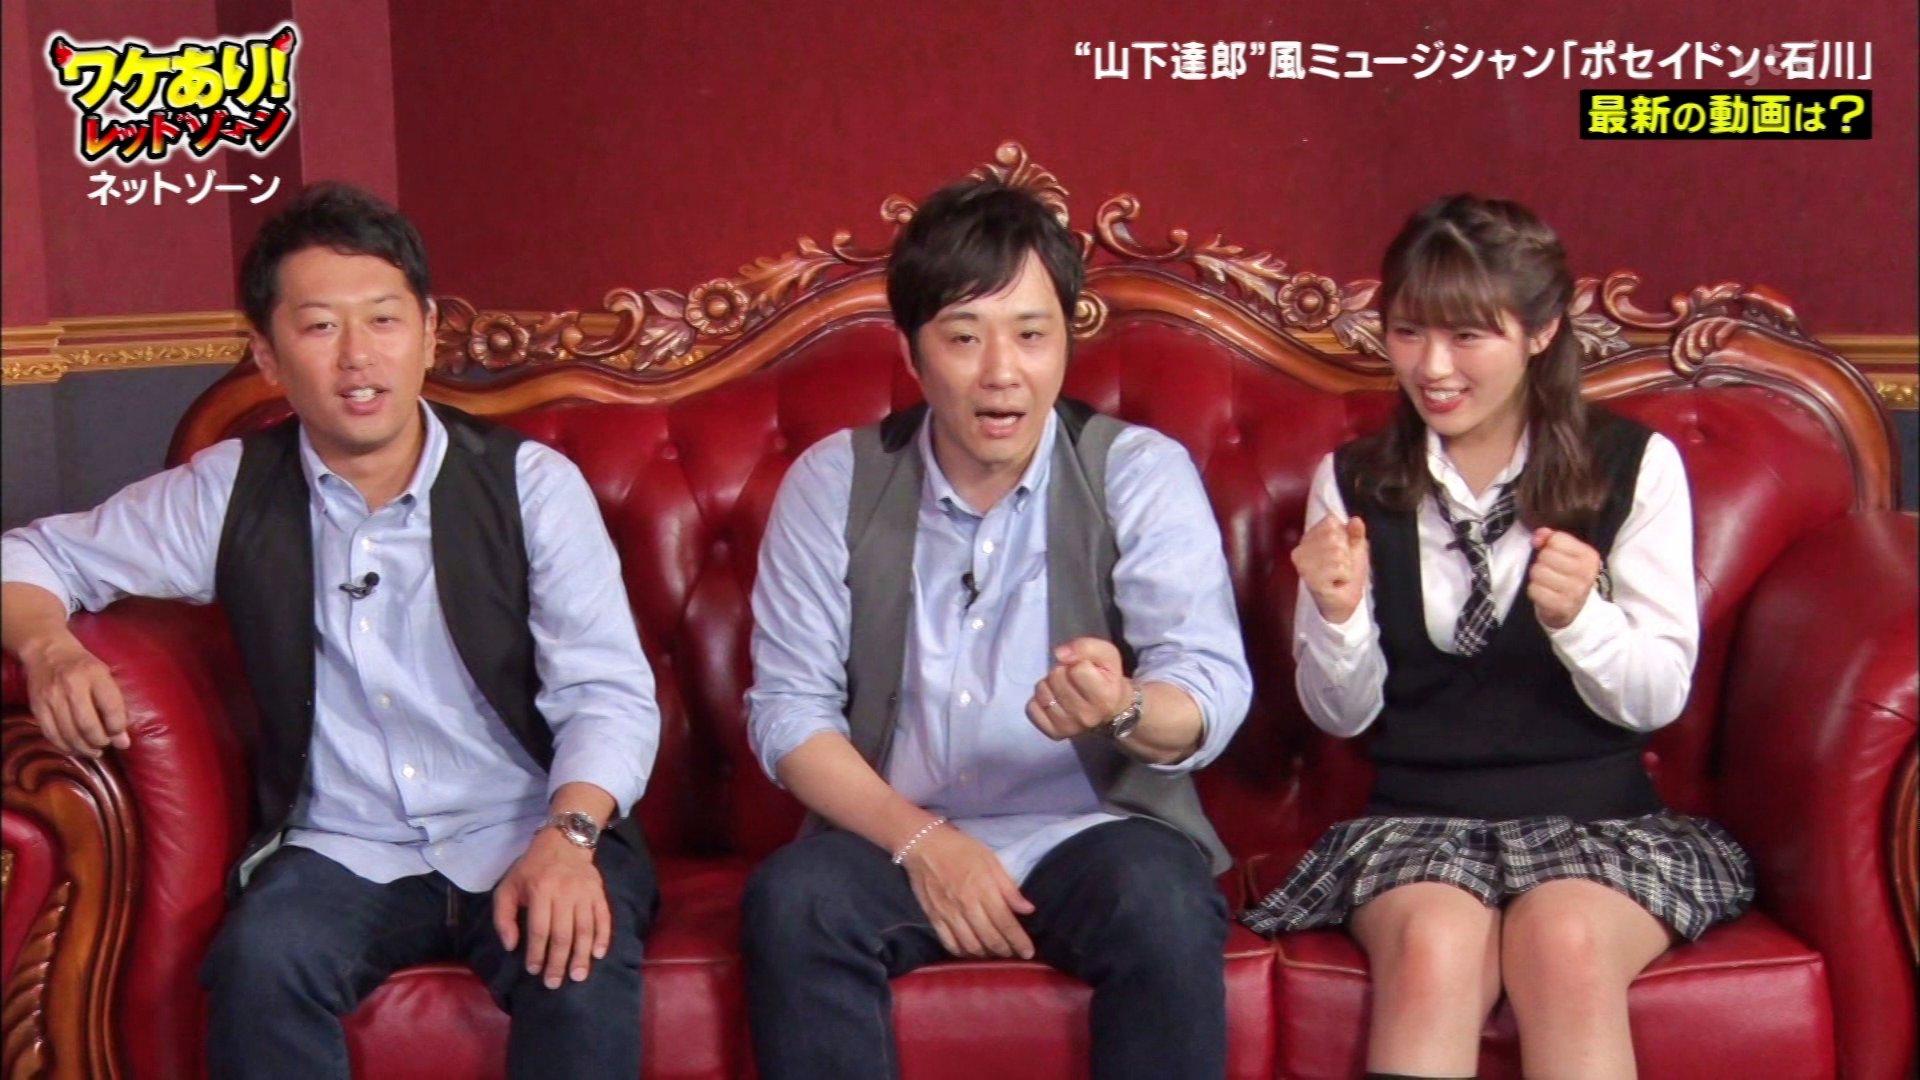 【渋谷凪咲】なぎさ出演5/25放送「ワケあり!レッドゾーン」の画像。ポセイドン・石川さんが登場